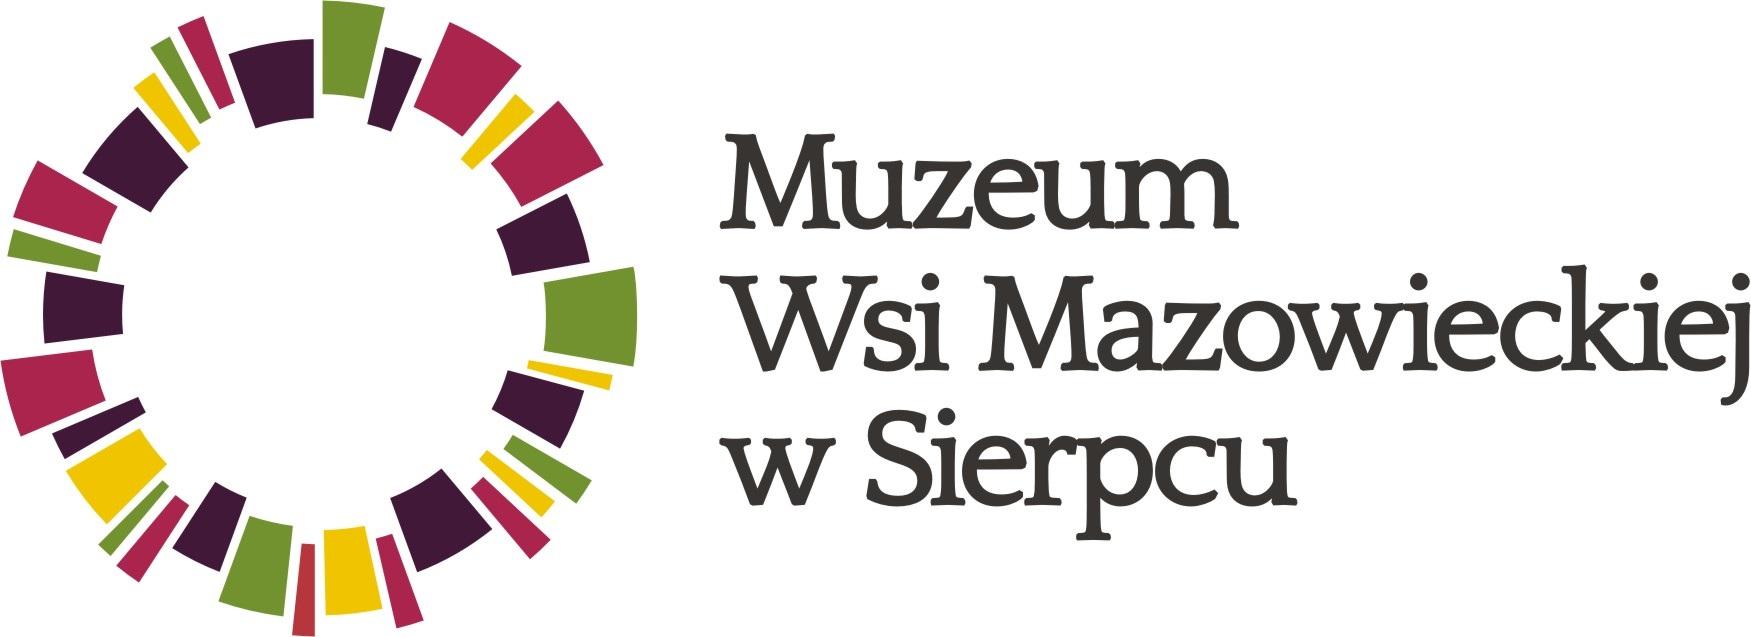 logo_skansen-w-sierpcu--konkurs-plastyczny